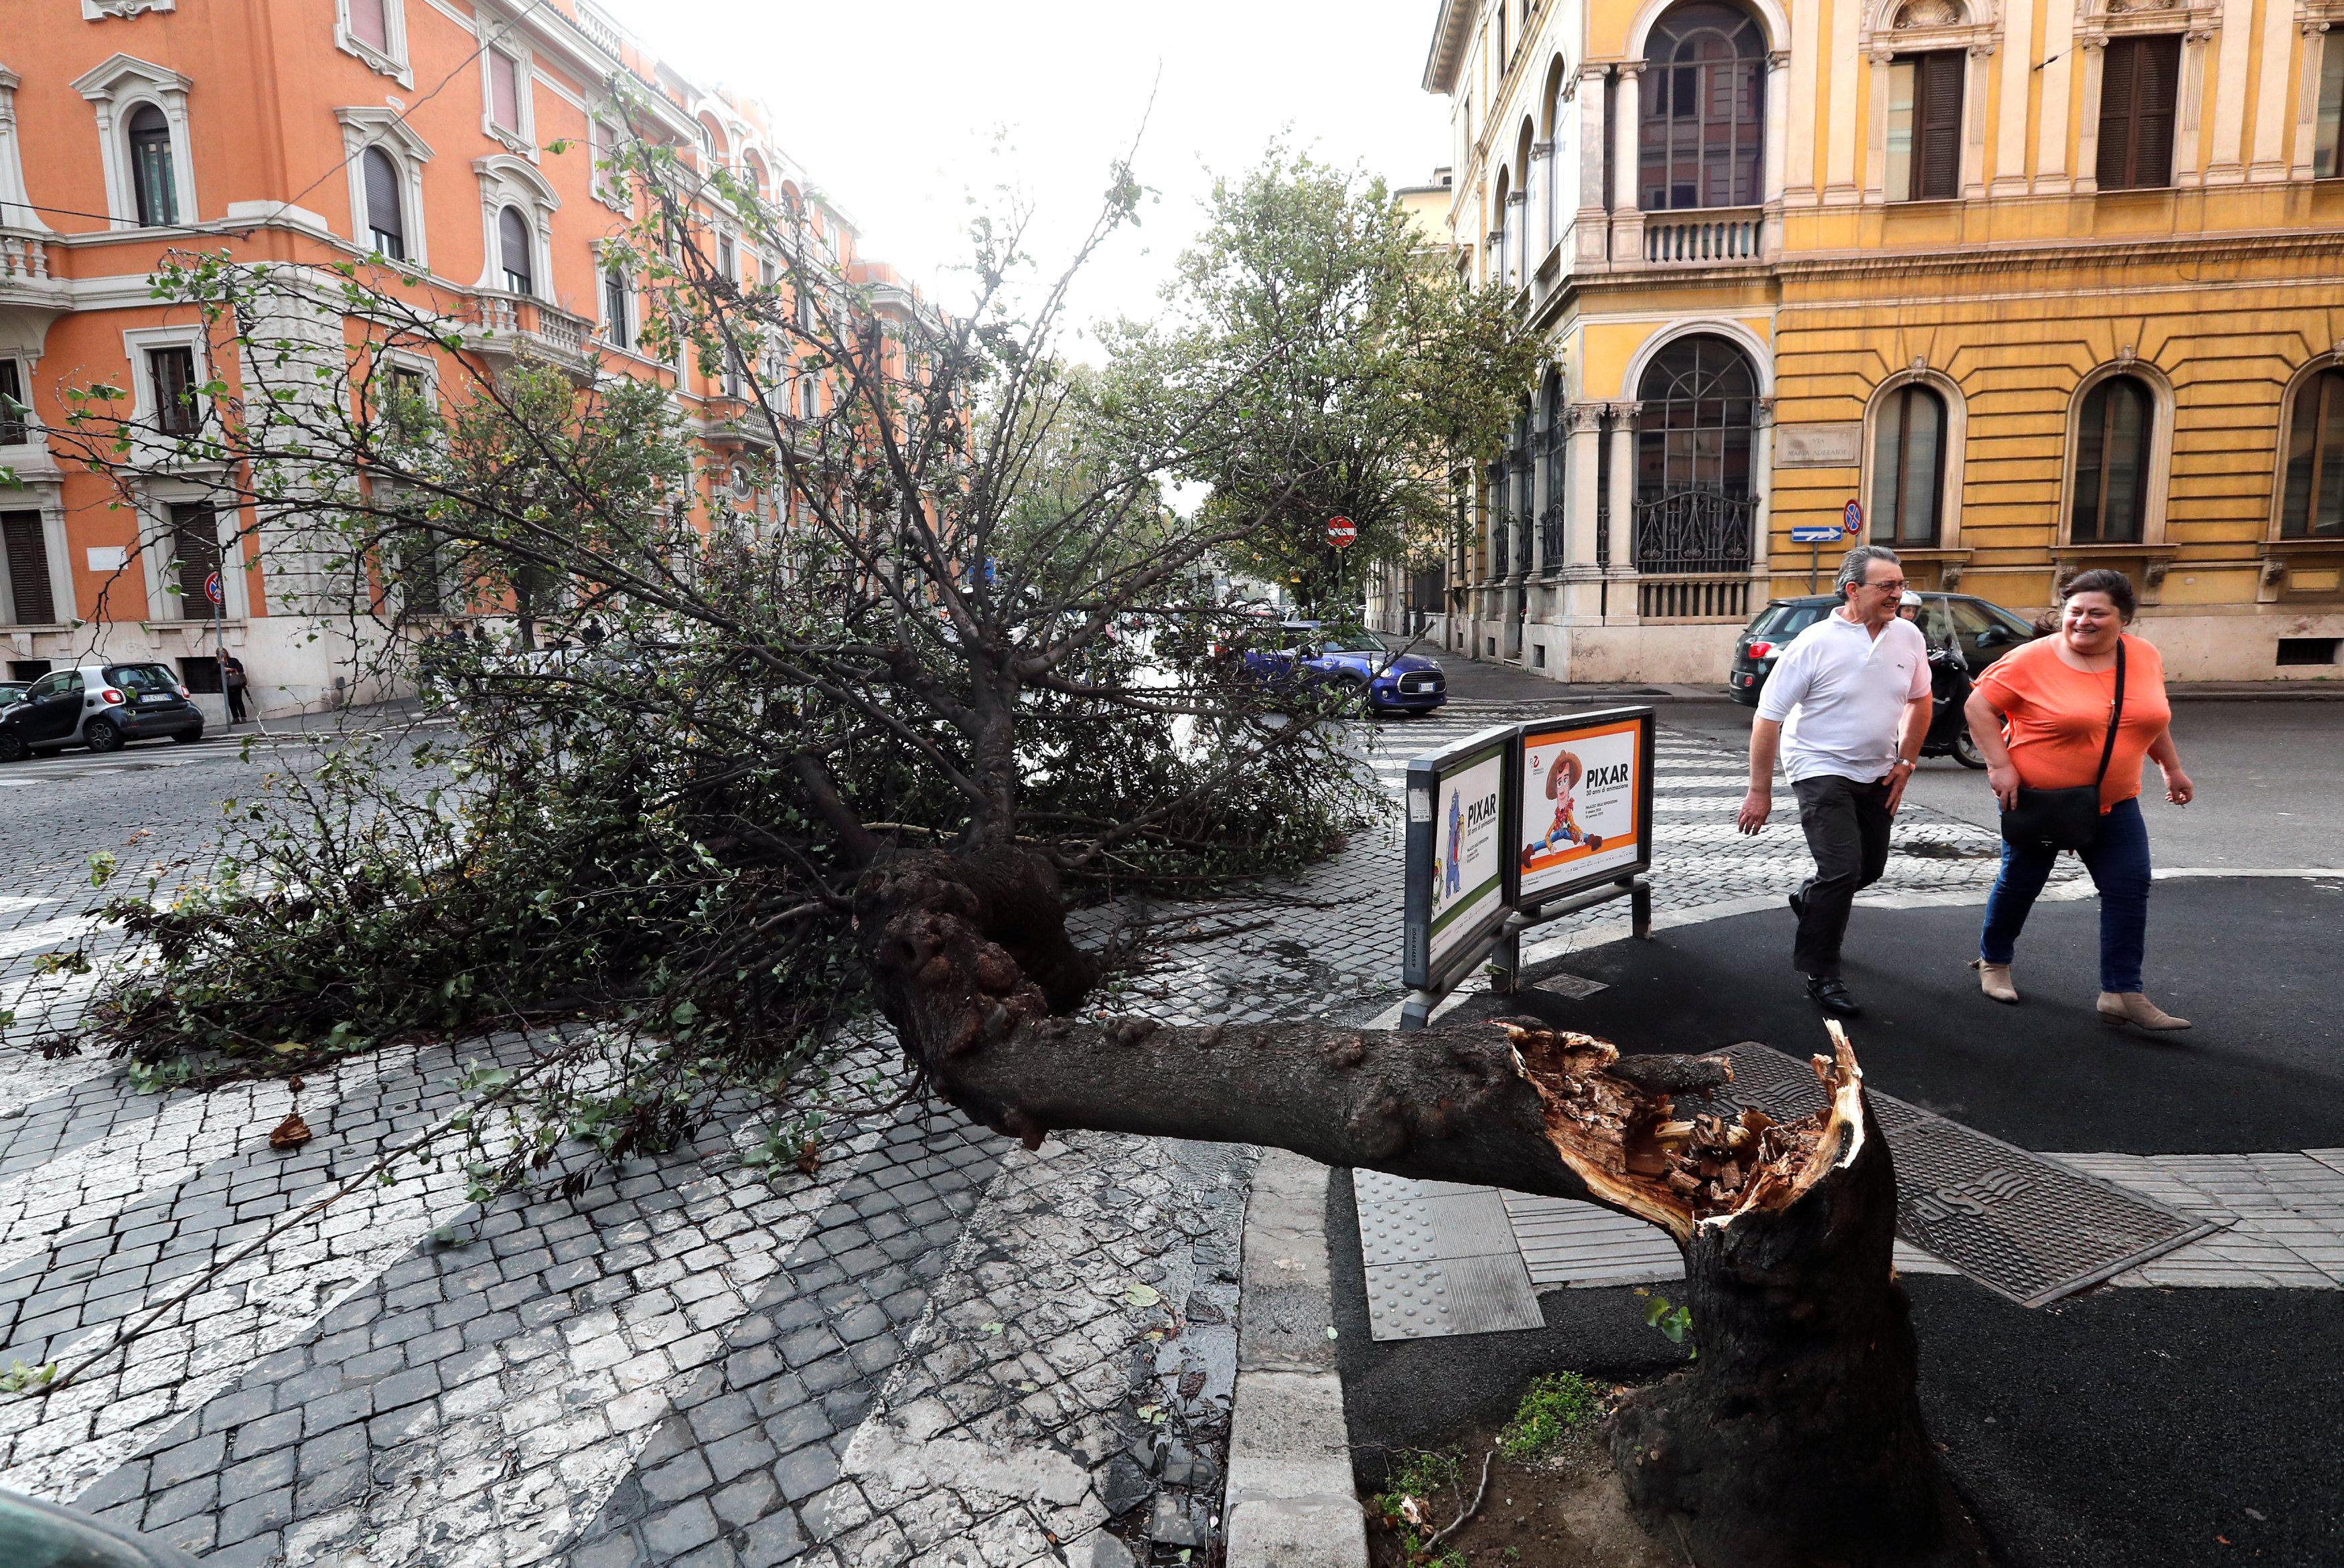 Un árbol caído en Roma (REUTERS/Stefano Rellandini)